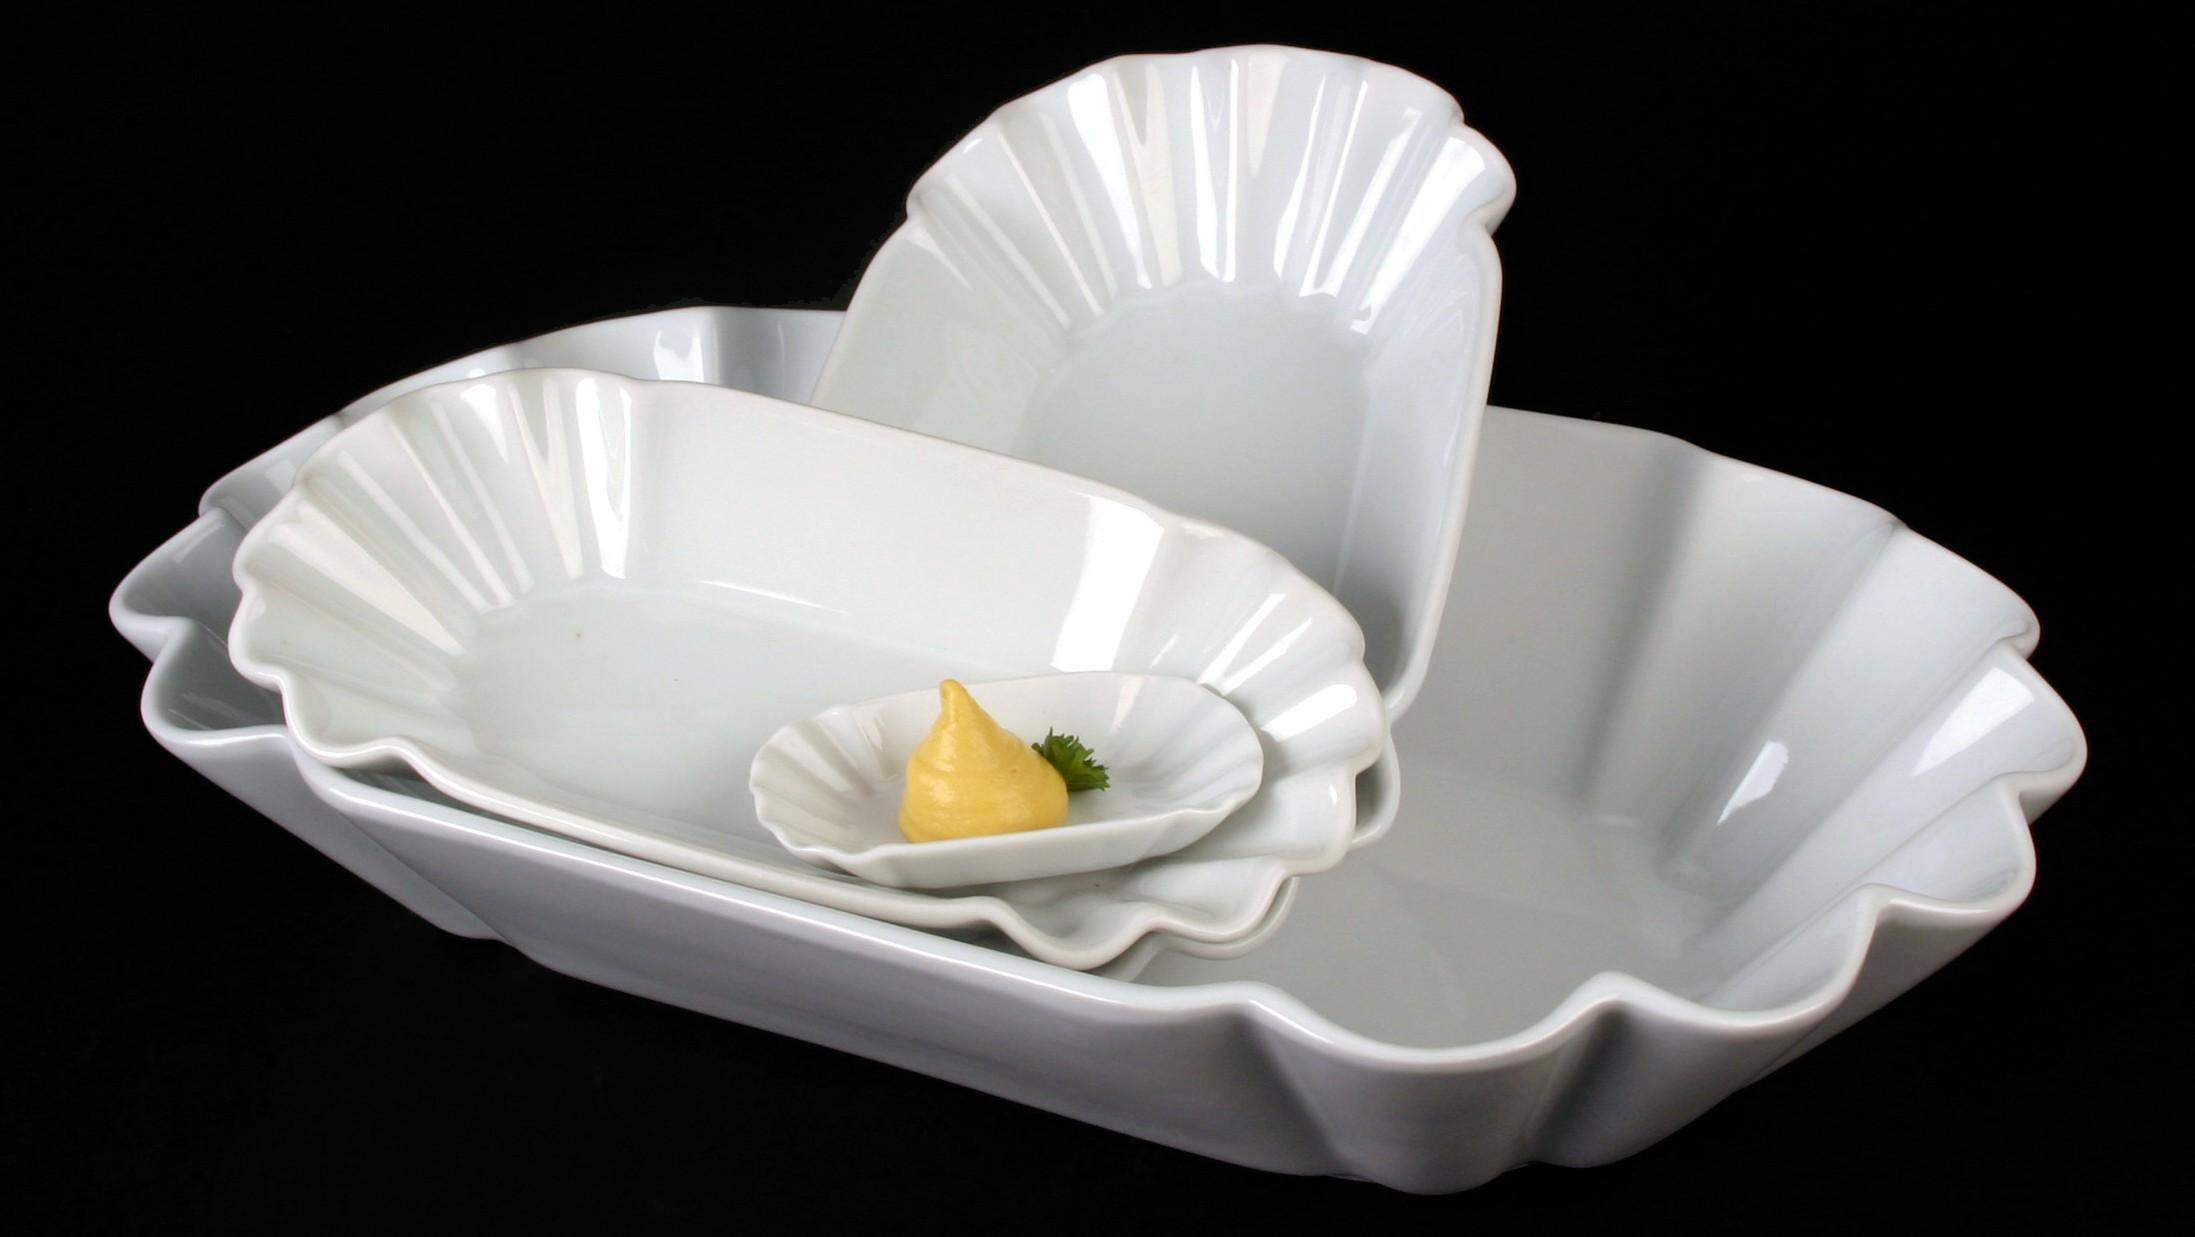 schale bowl 20 cm einwegdesign pommes holst porzellan werksverkauf store halle porzellan. Black Bedroom Furniture Sets. Home Design Ideas